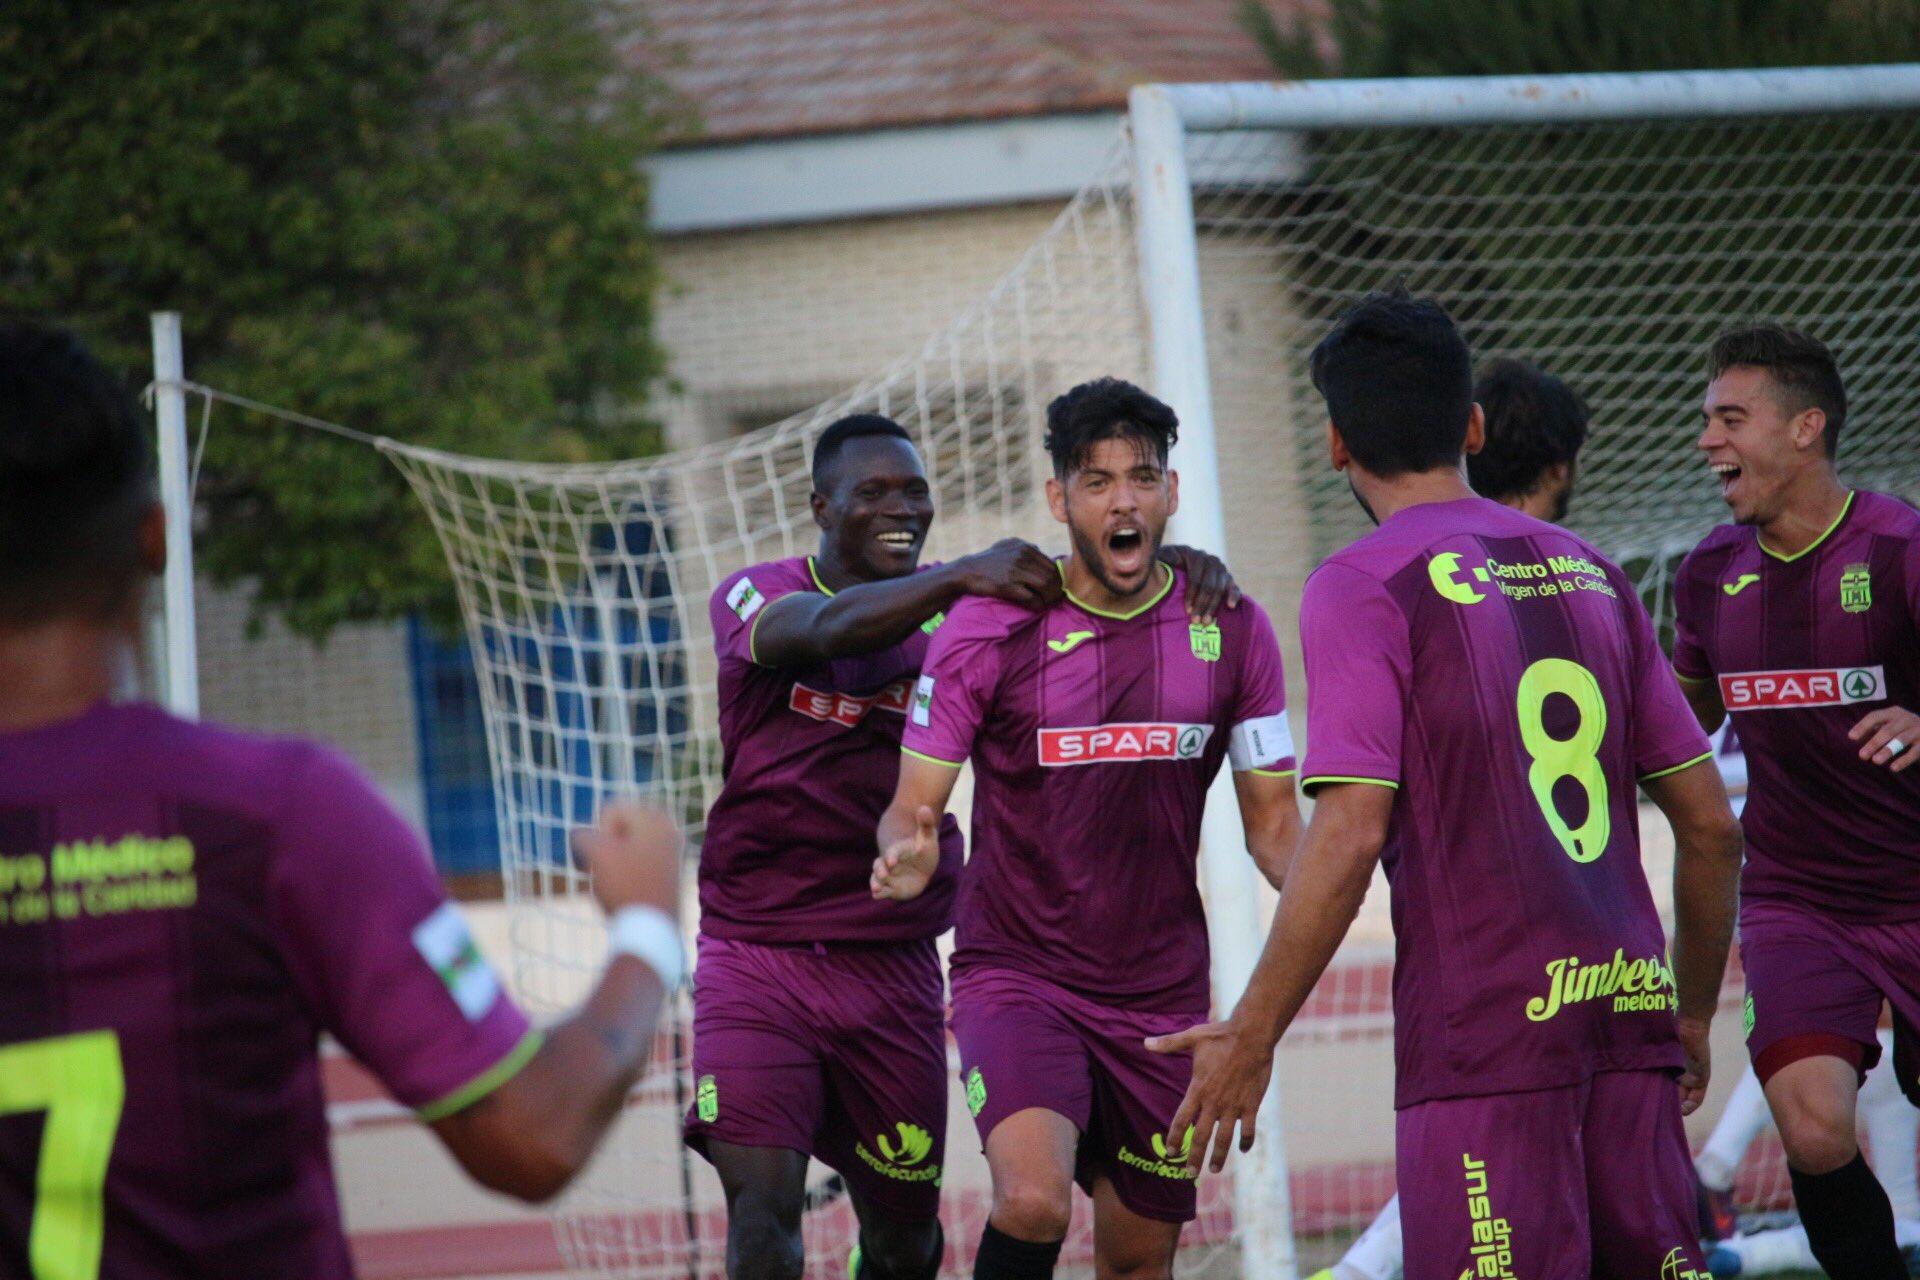 �� Así se celebraba el gol de @SergioJG21 que daba los 3 puntos al Cartagena en Jumilla  #Equipo ��⚽️ https://t.co/u98Wnwt1v7